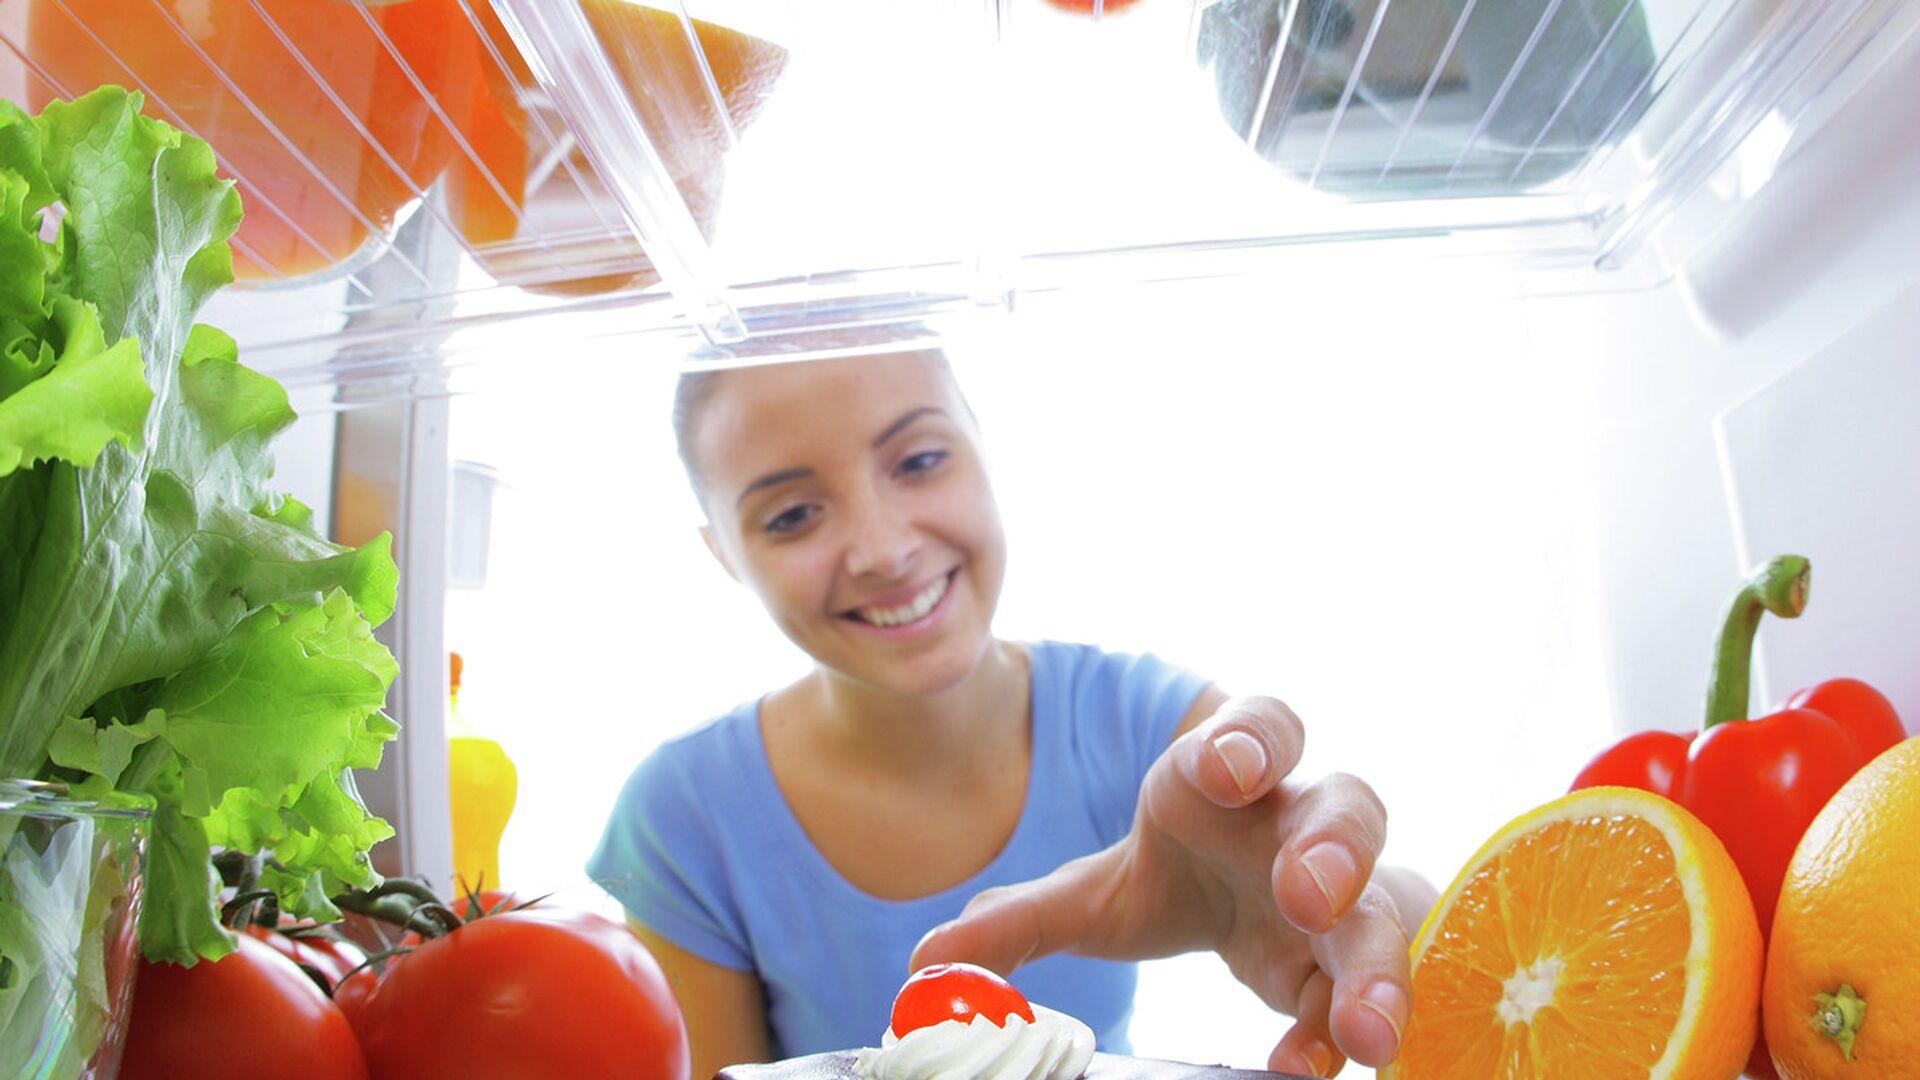 Пирожное в холодильнике - РИА Новости, 1920, 20.09.2020